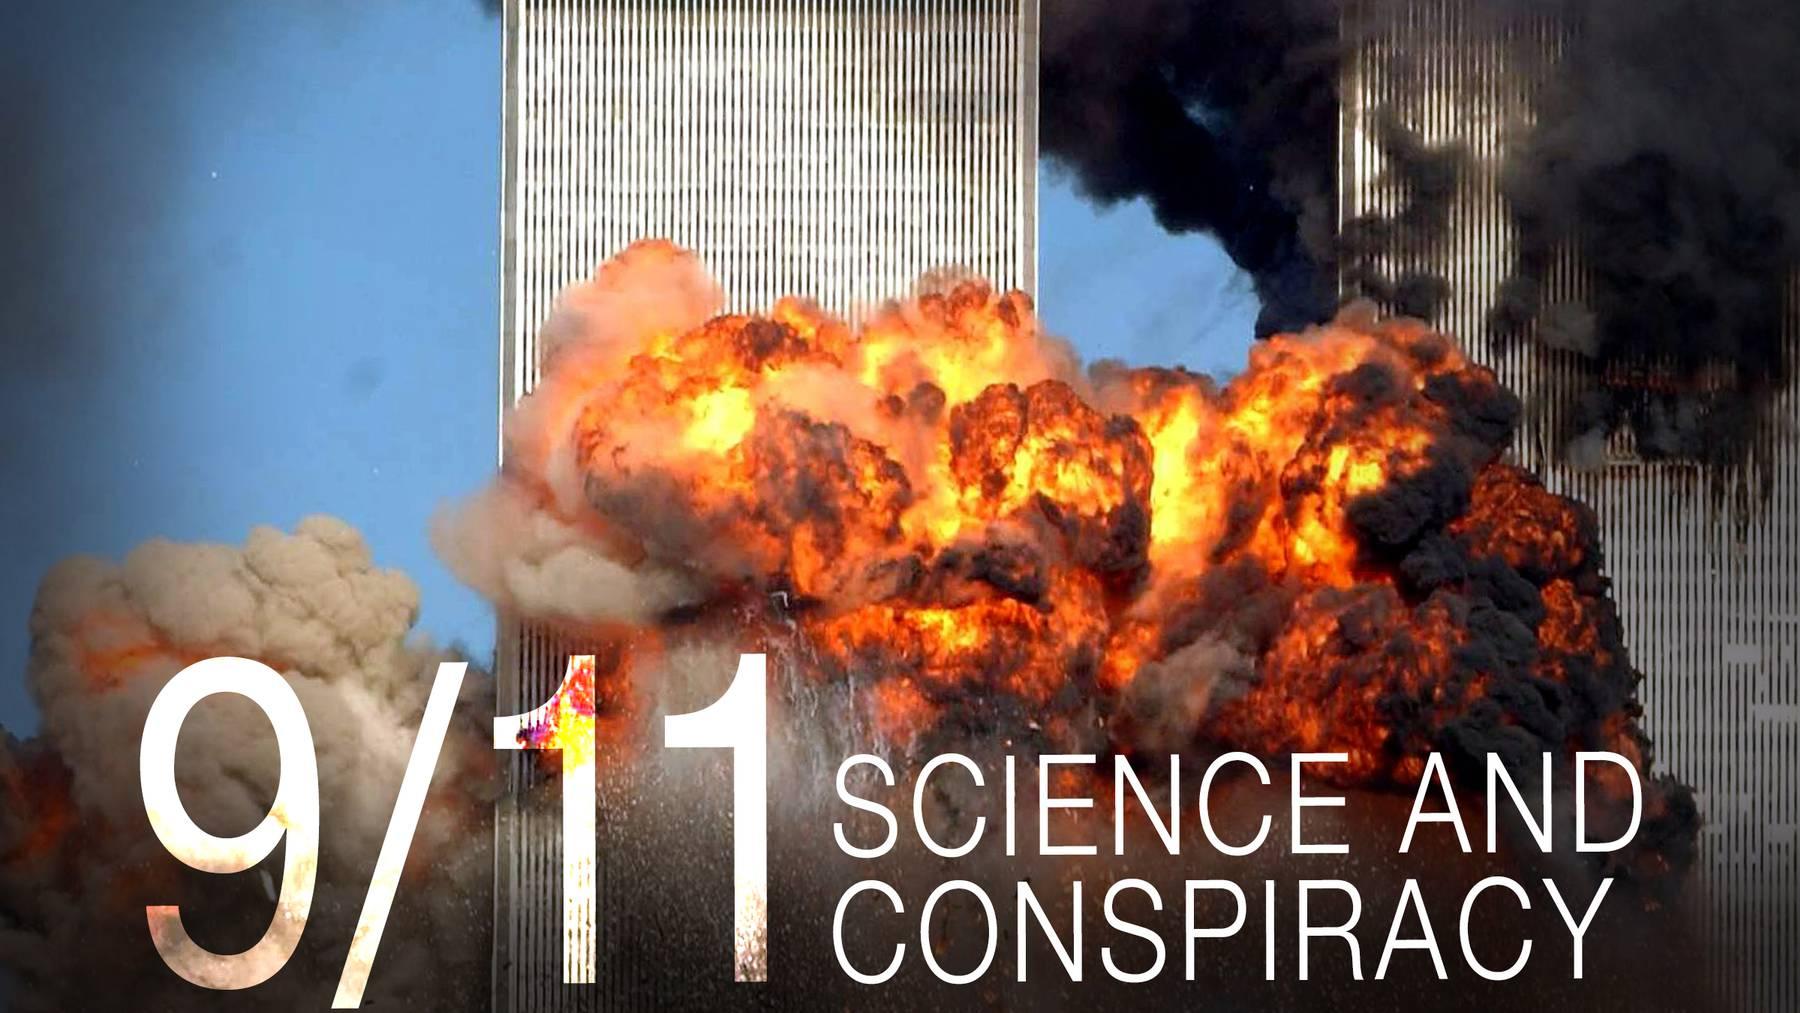 Die 9/11 Experimente - Verschwörung auf dem Prüfstand